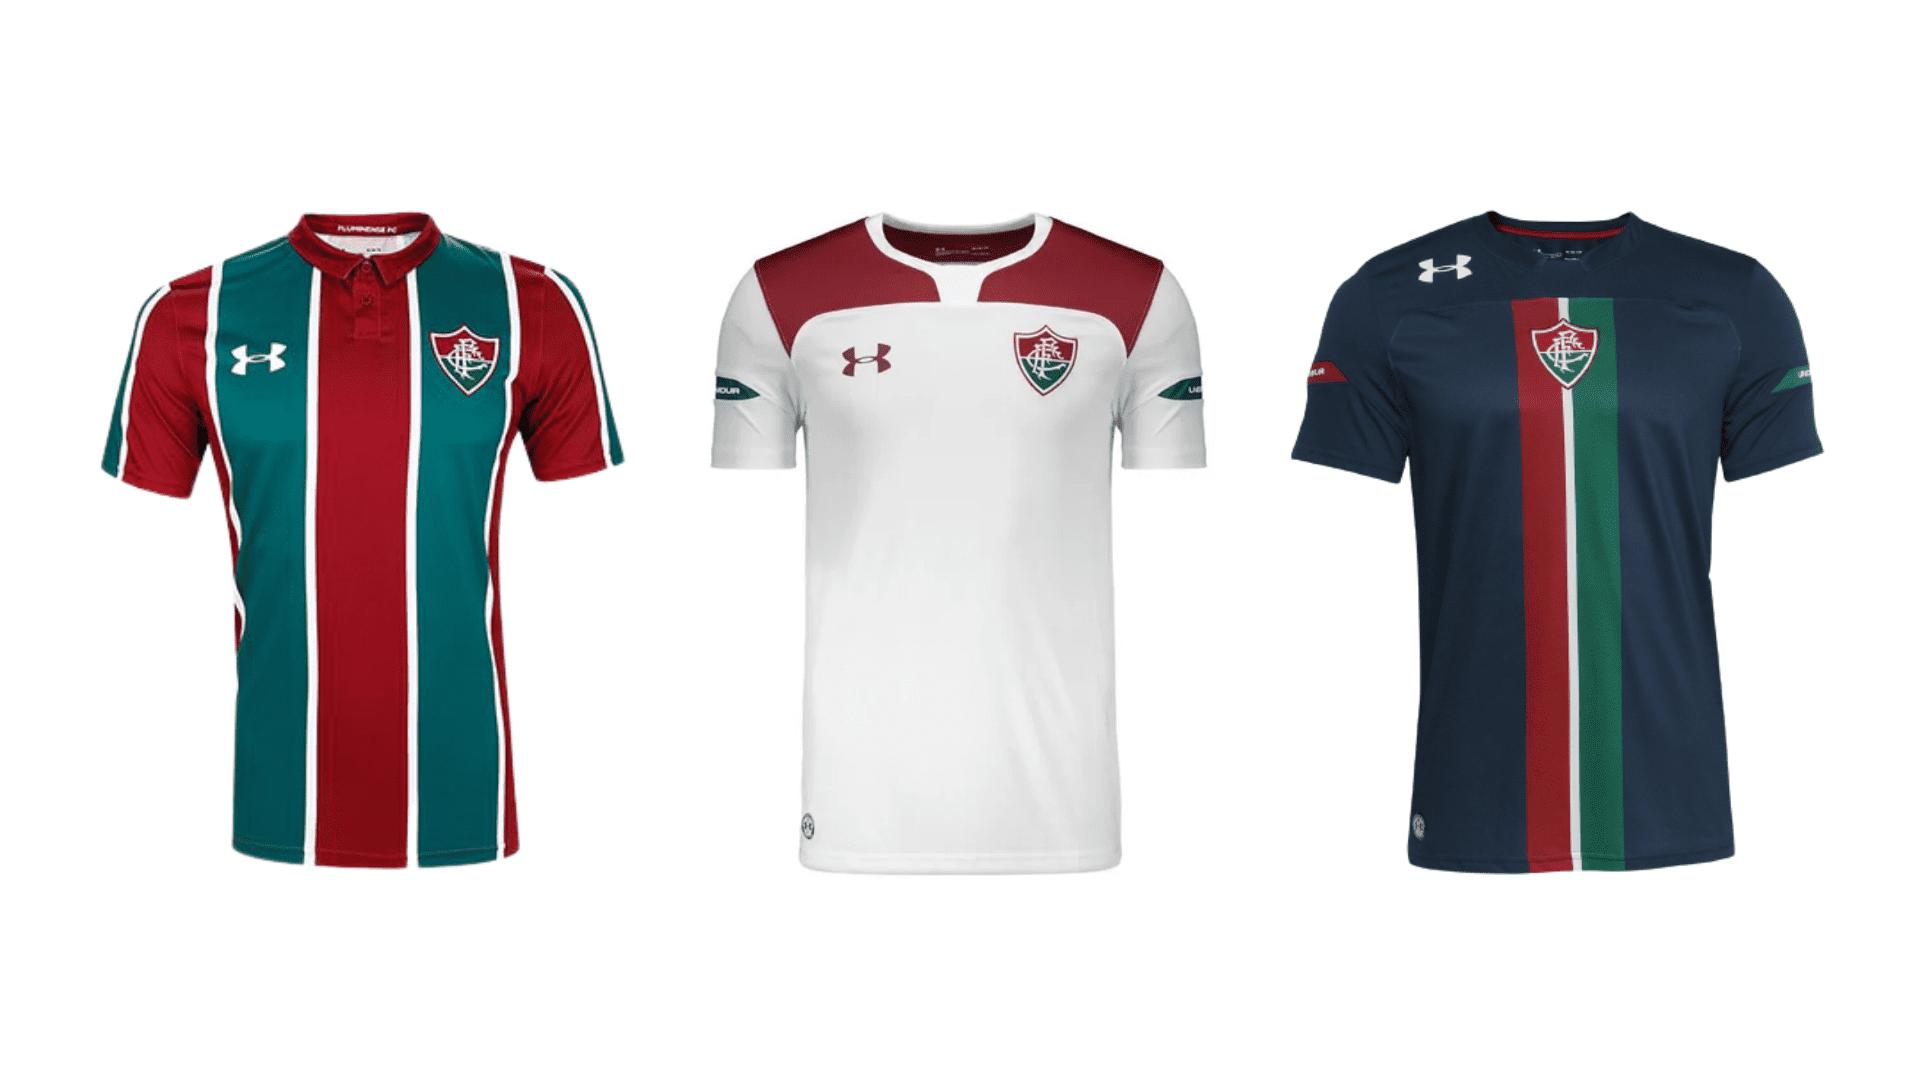 Camisa do Fluminense 2019 Under Armour Jogo 1, 2 e 3 (Imagem: Divulgação/Under Armour)